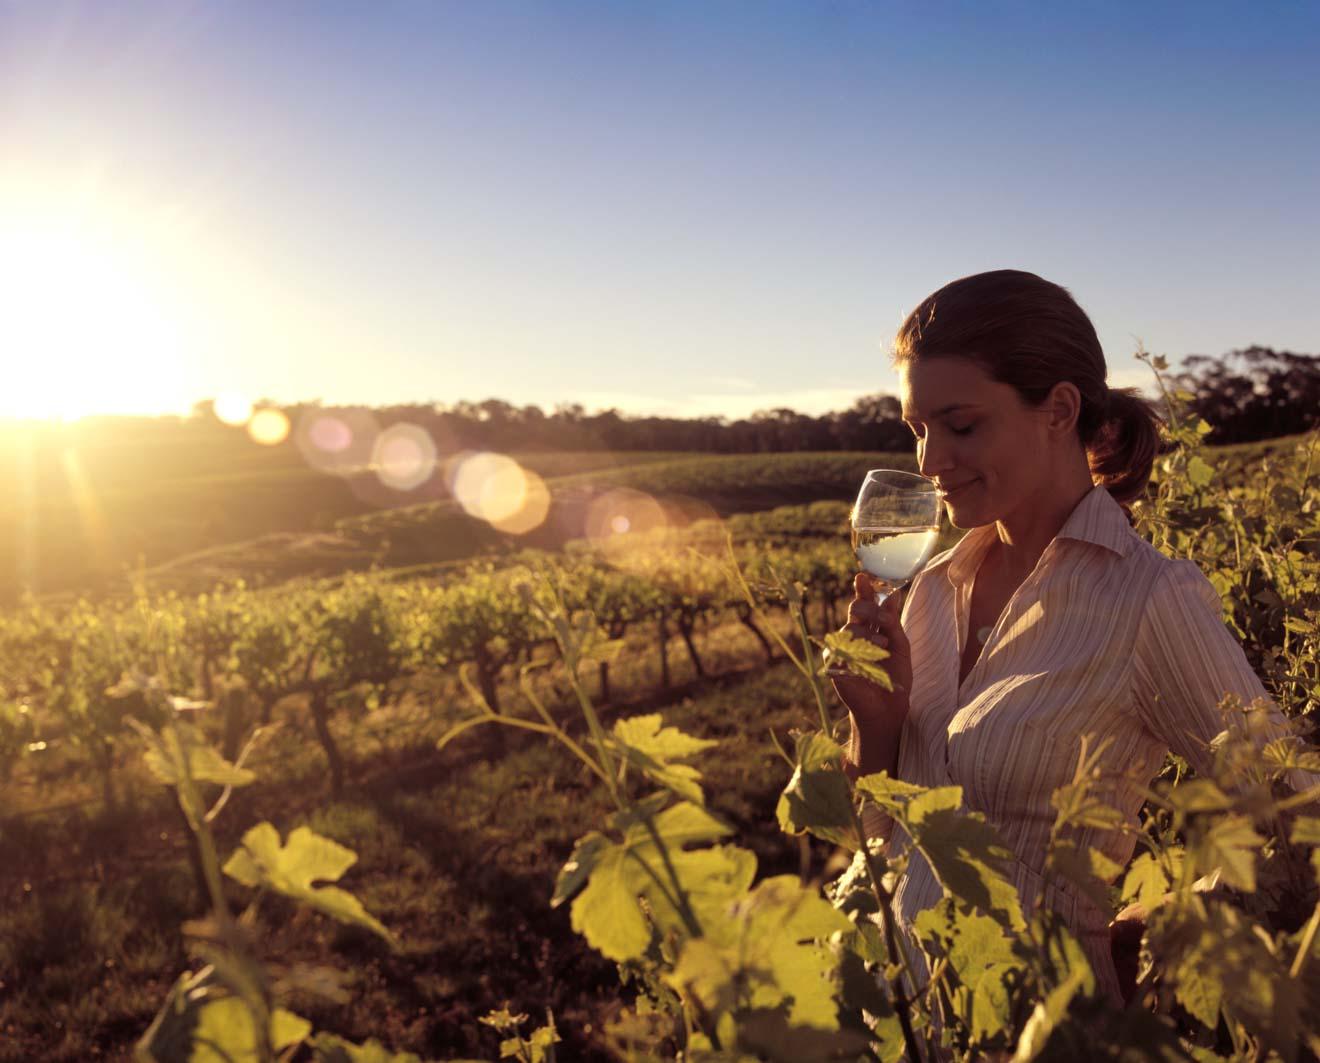 lo mejor del valle de barossa - Finca vinícola Qué hacer en las bodegas del valle de barossa